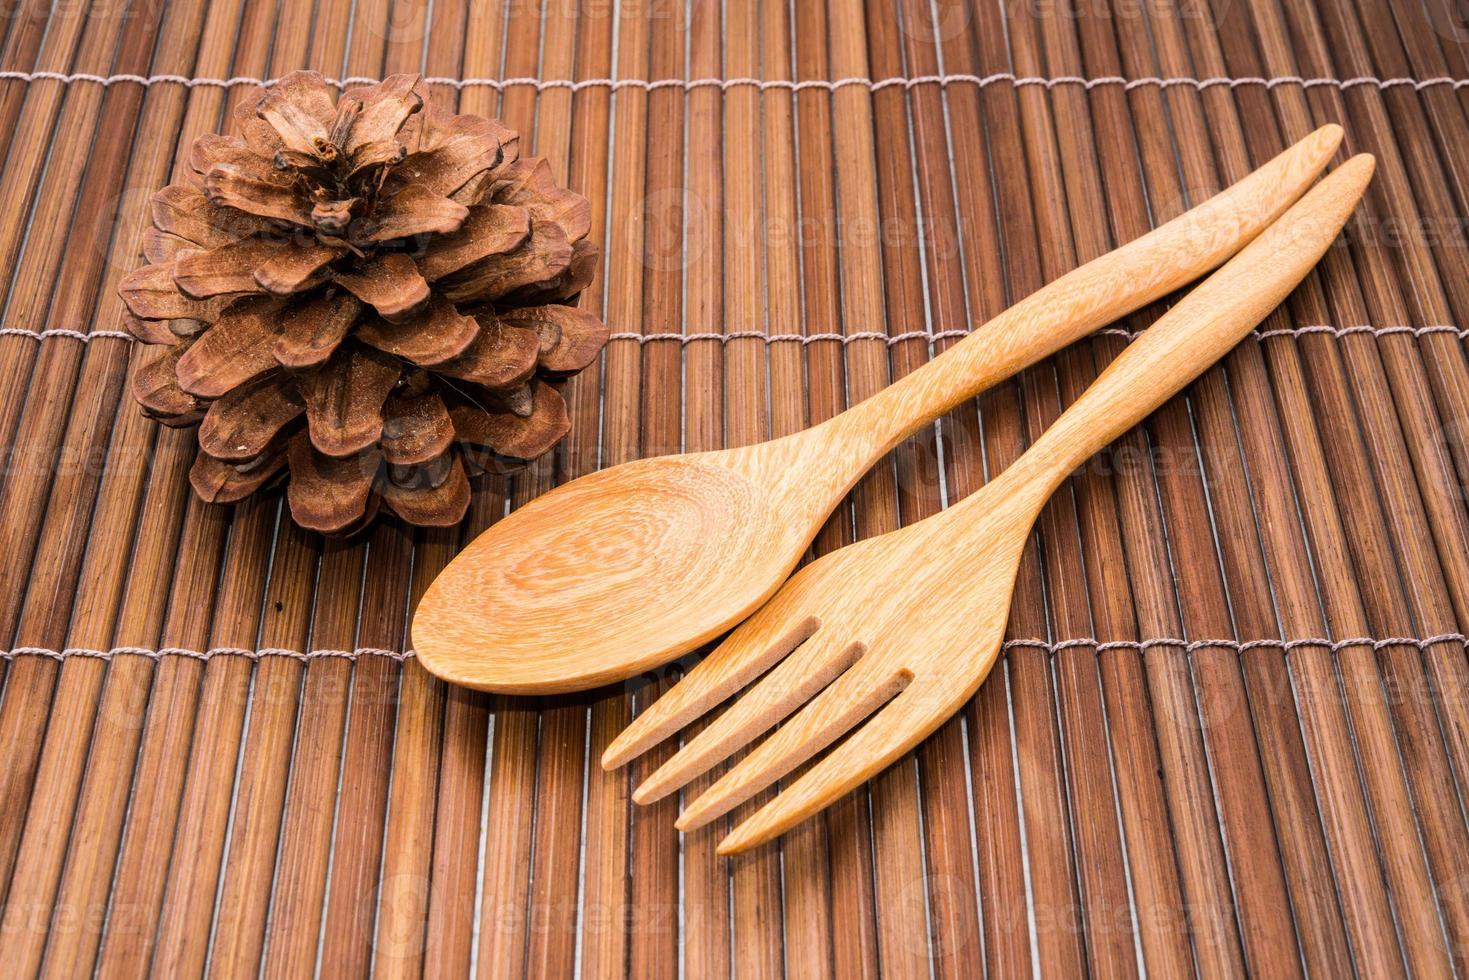 colher de madeira foto